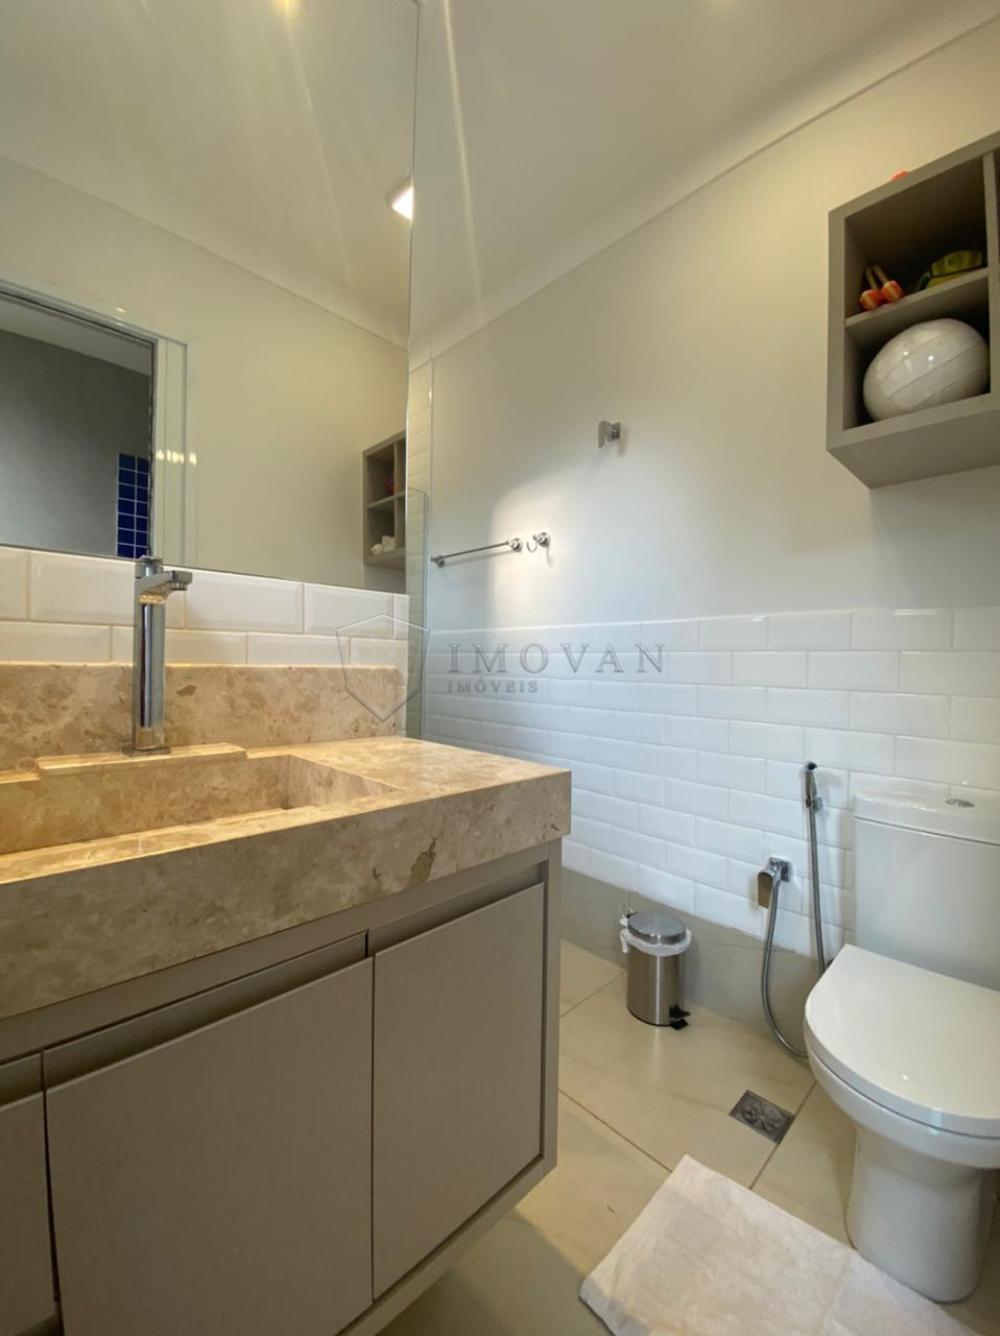 Comprar Casa / Condomínio em Bonfim Paulista R$ 2.800.000,00 - Foto 17